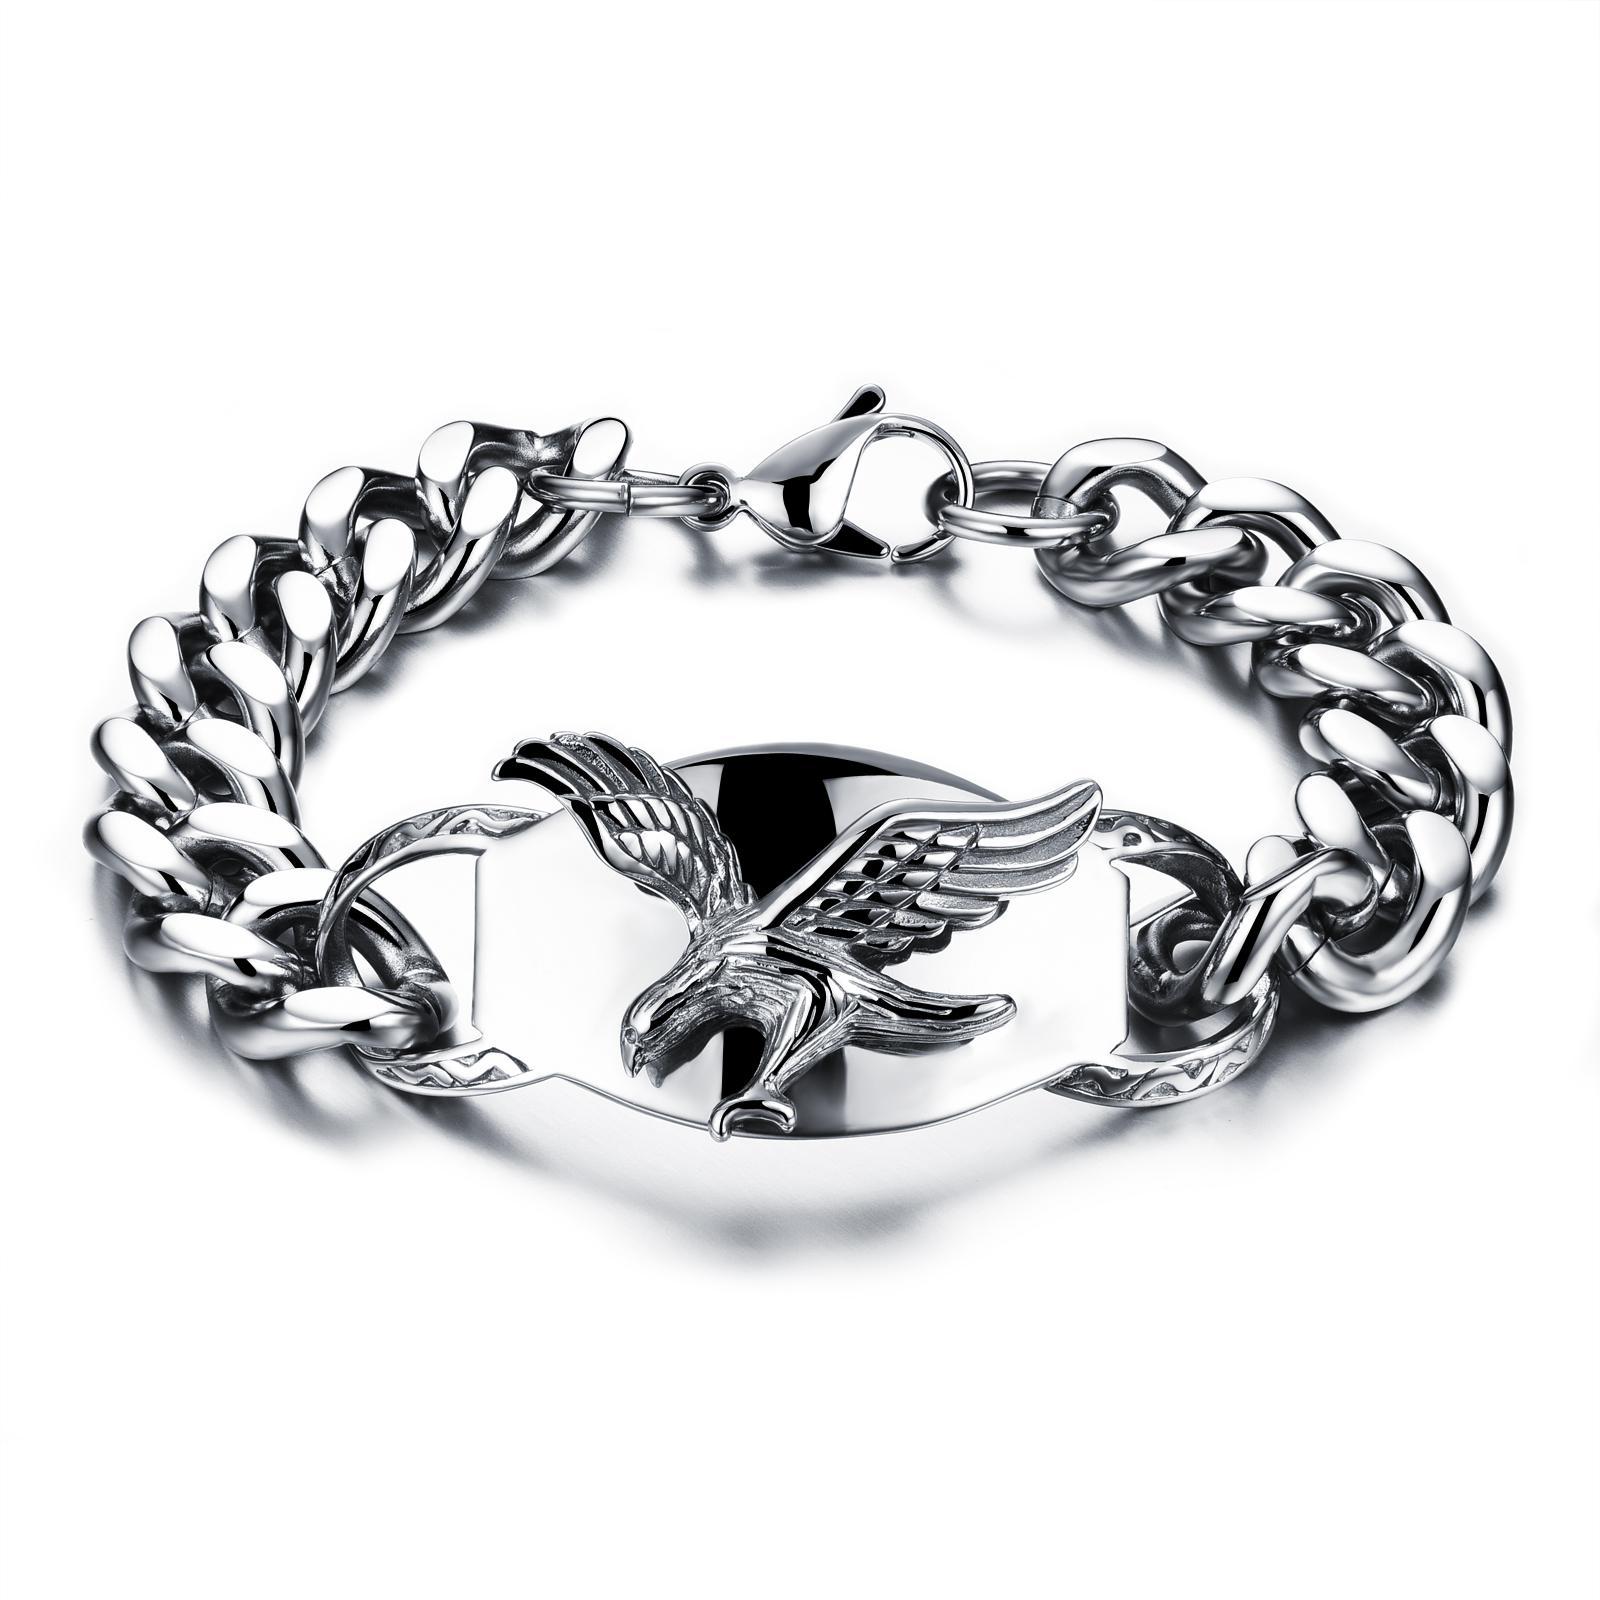 Bracelet chaîne à maillons vintage en acier inoxydable avec breloque aigle personnalisé cadeau bijoux